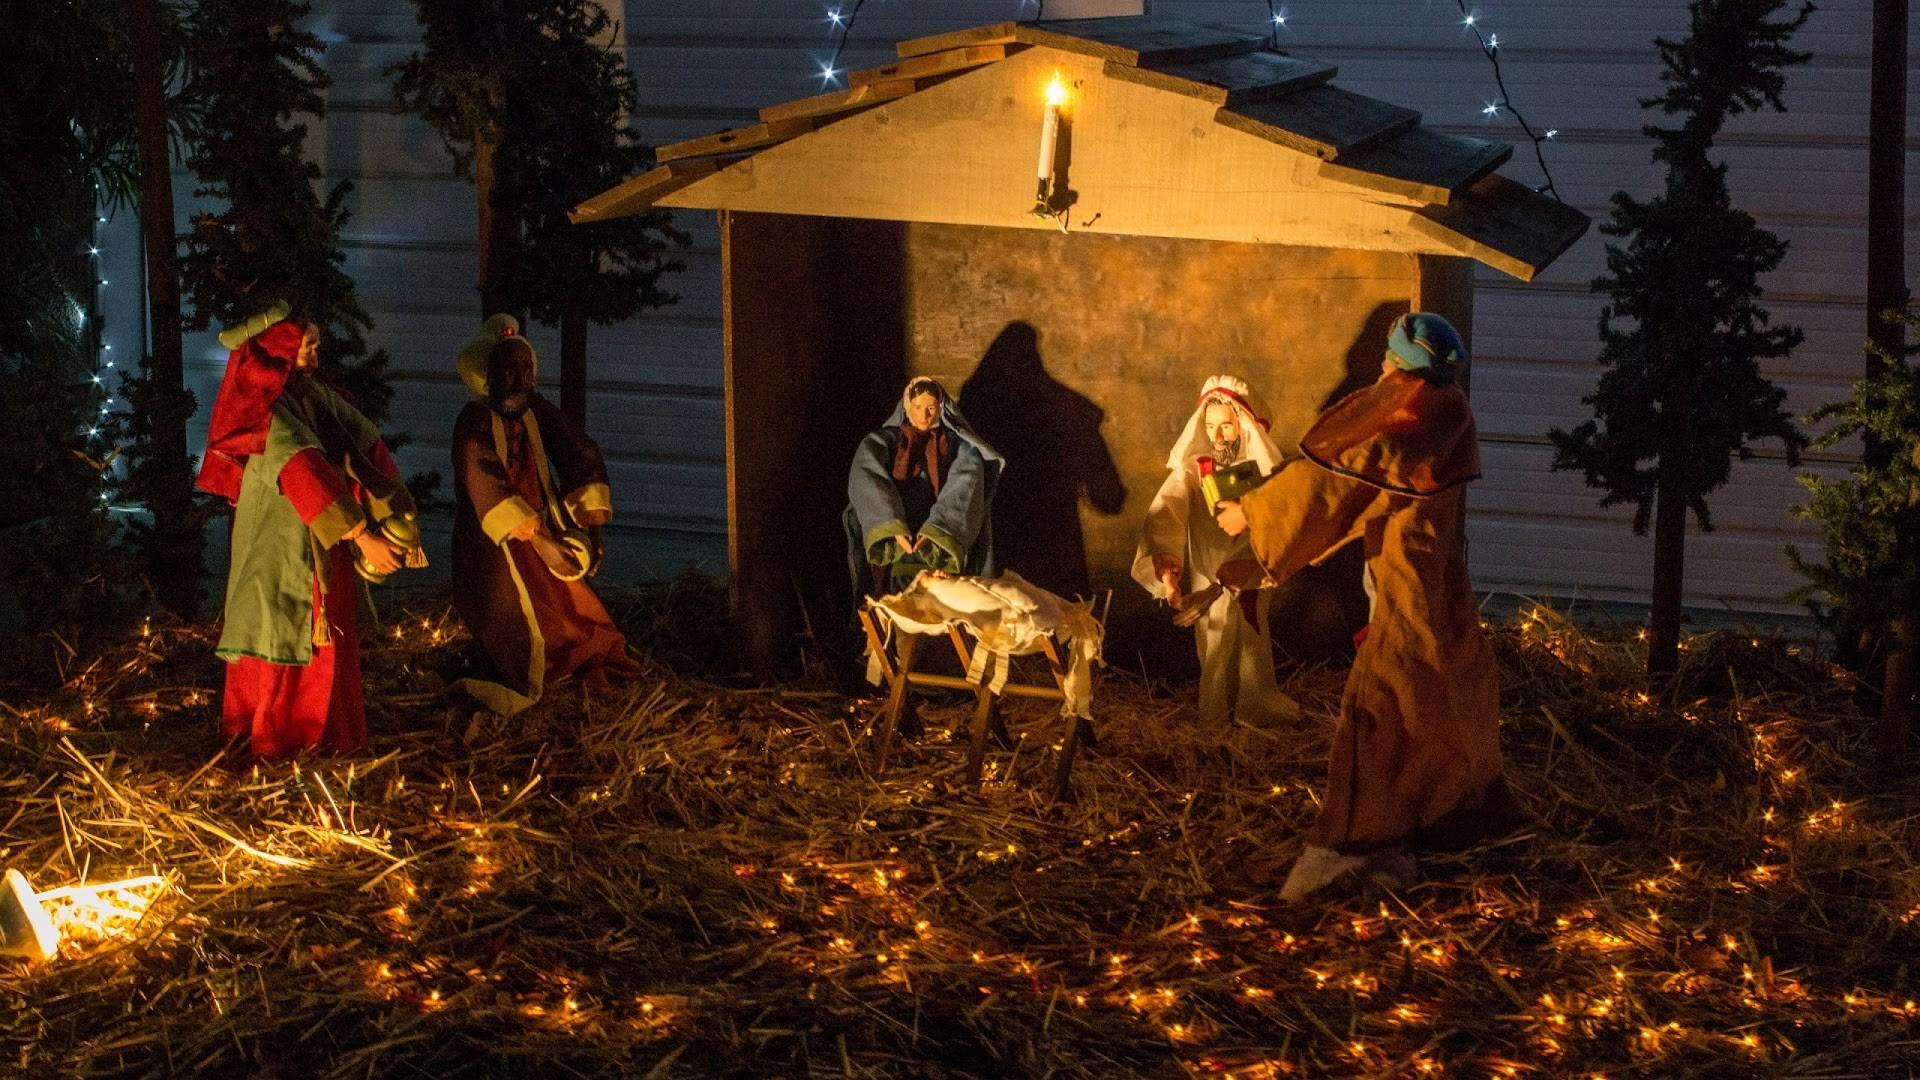 Free Nativity Wallpaper – WallpaperSafari